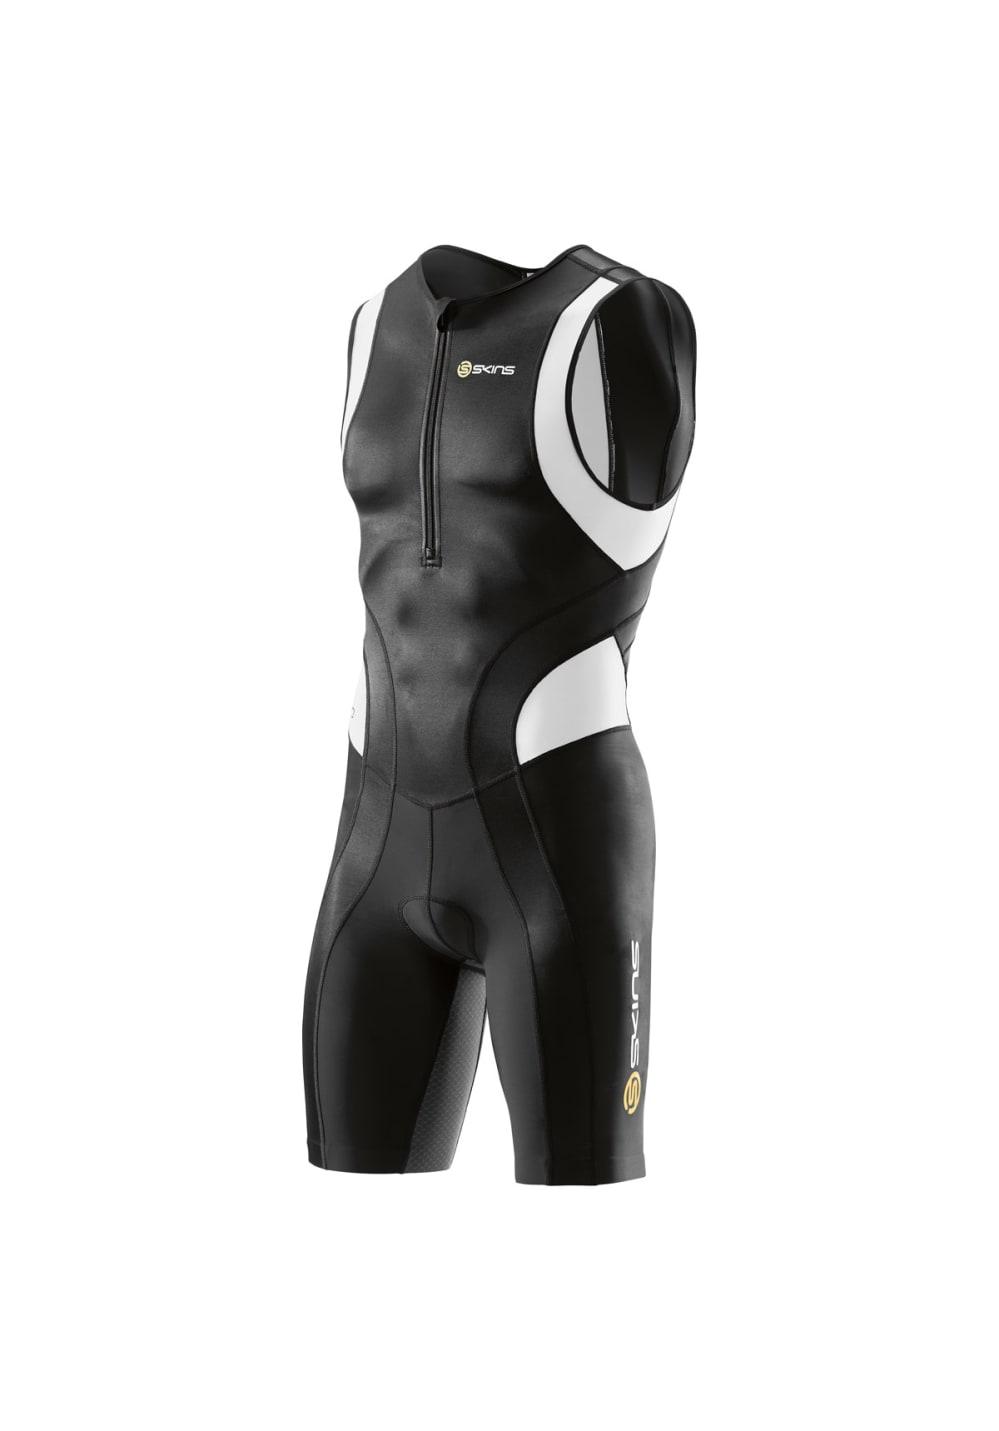 Skins Tri 400 Mens Skinsuit Front Zip - Triathlon für Herren - Schwarz, Gr. S